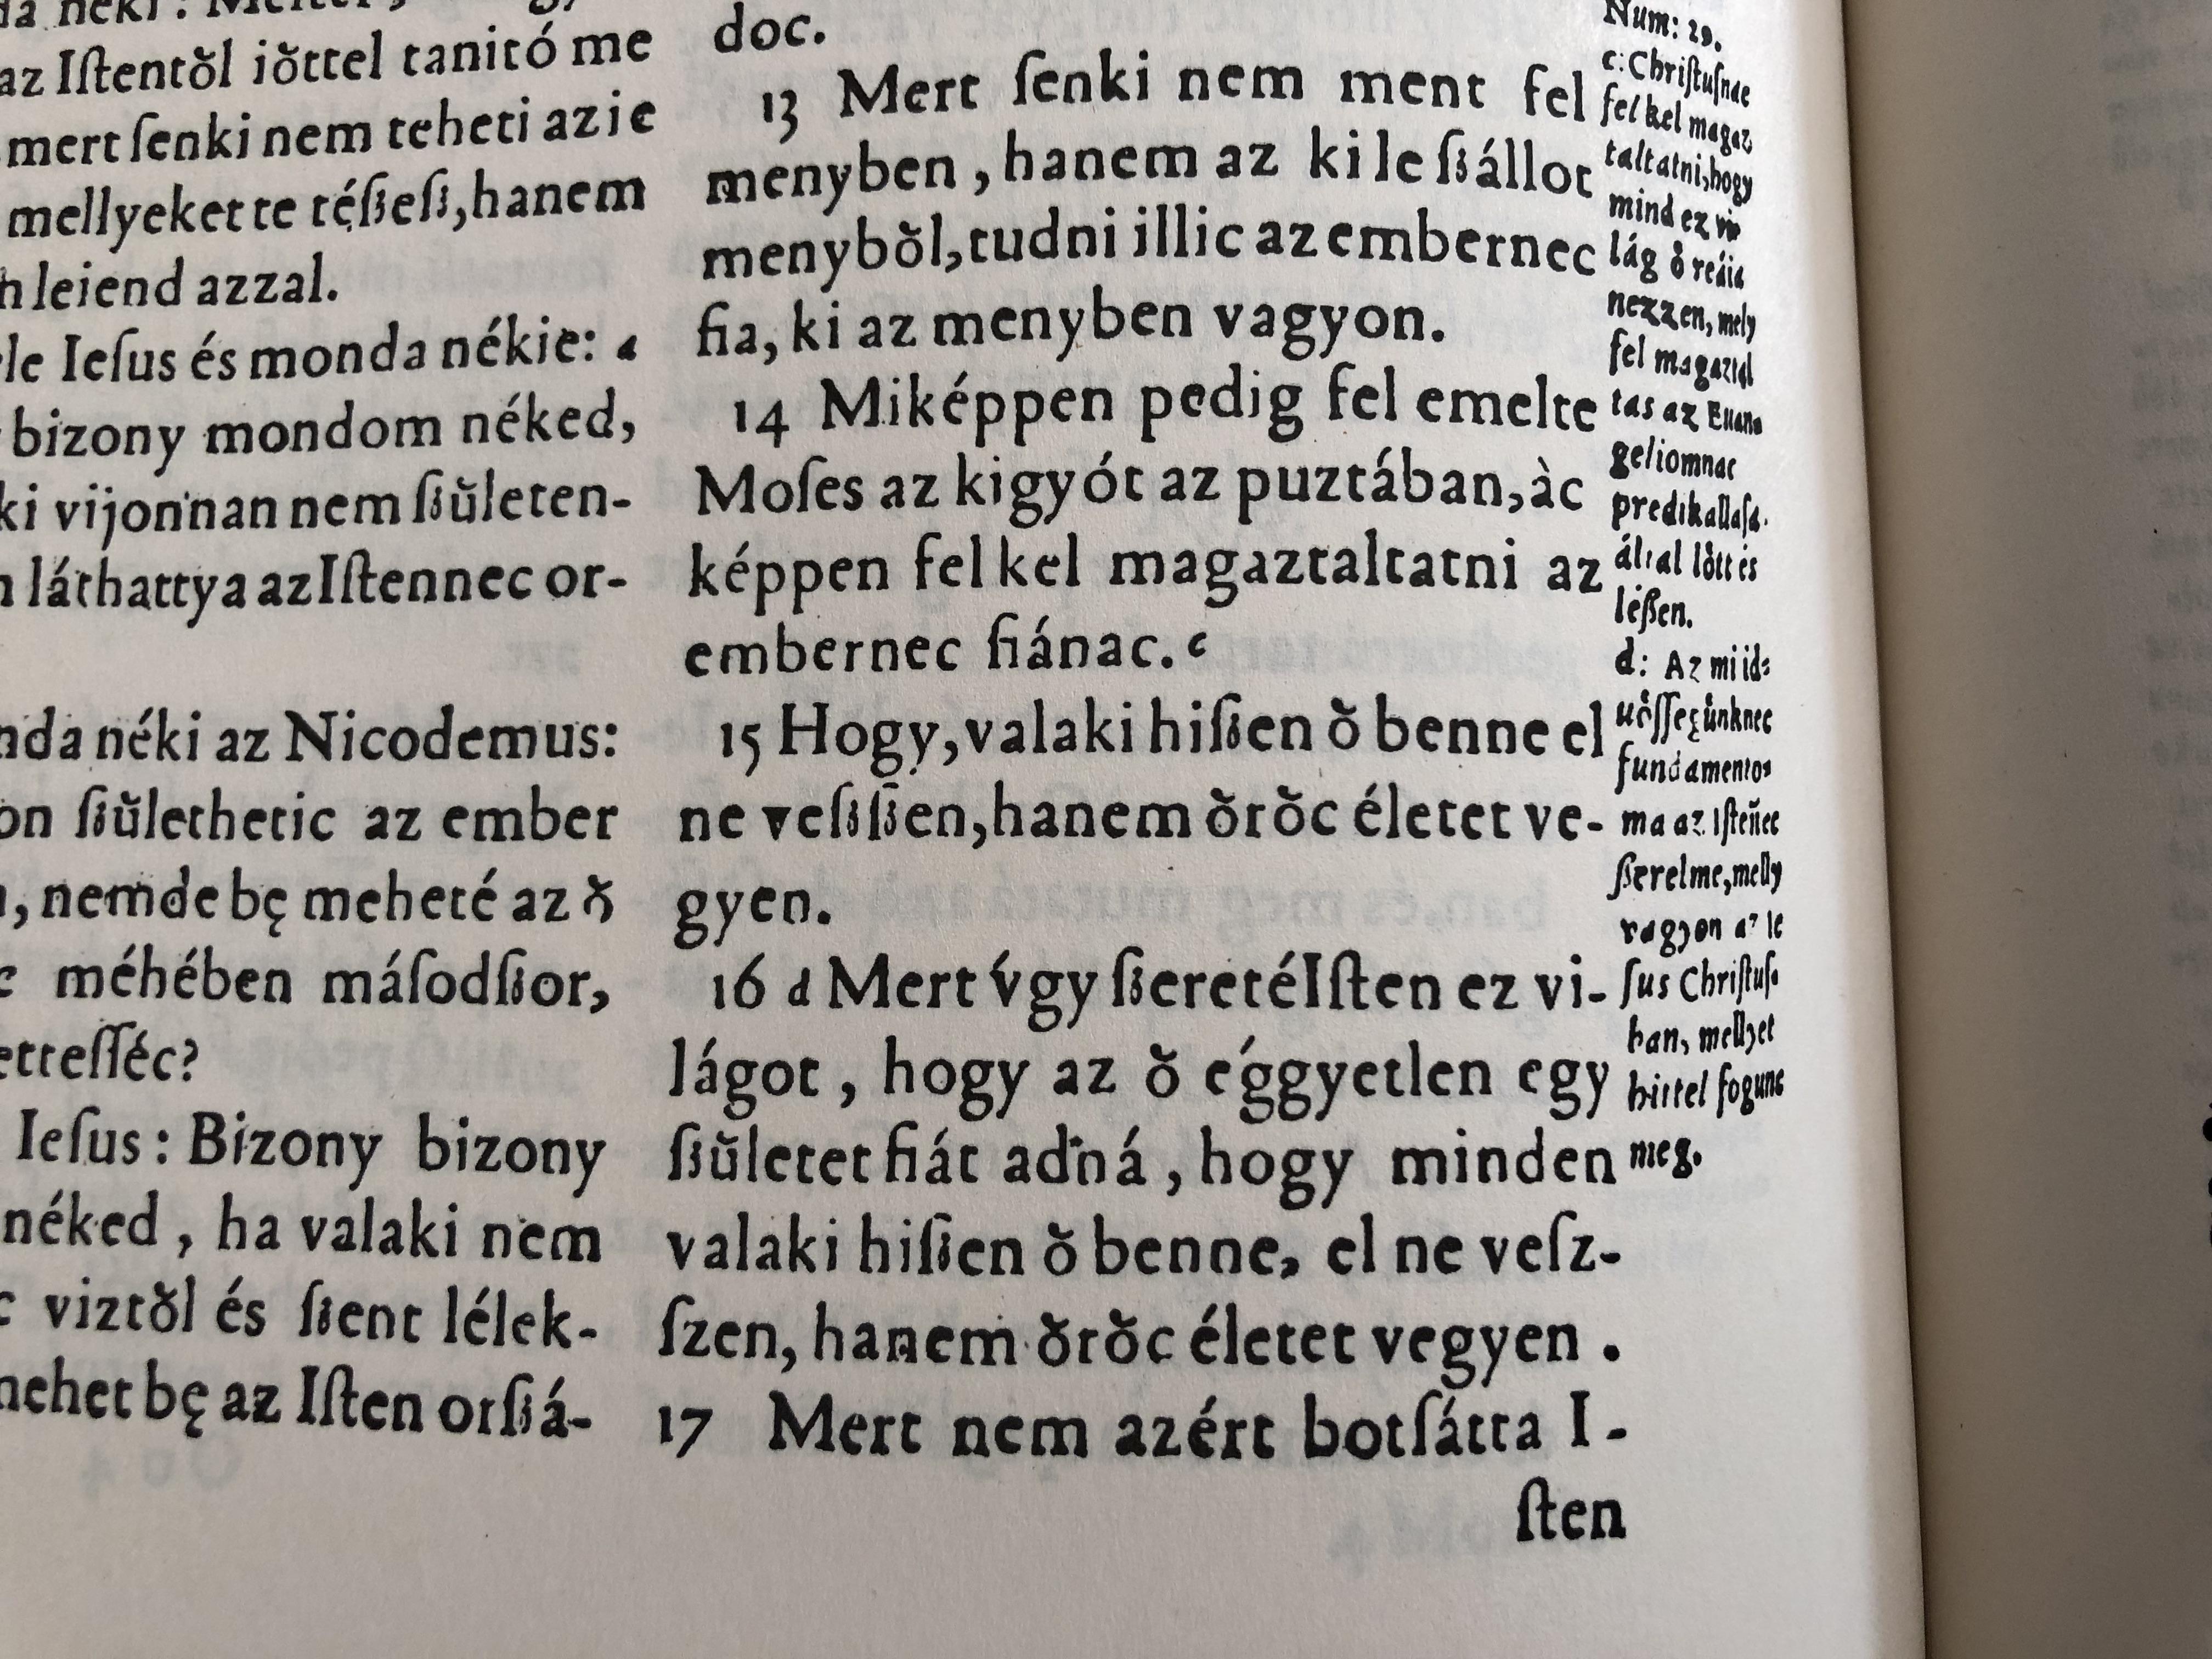 vizsolyi-szent-biblia-1590-hungarian-1590-k-roli-translation-reprint-holy-bible-set-istennec-es-wy-testamentvmanac-prophe-ta-c-es-apostoloc-ltal-meg-iratott-szent-k-nyuei-rcn-l-maradand-bb-tanulm-ny-essay-book-d-6357131-.jpg